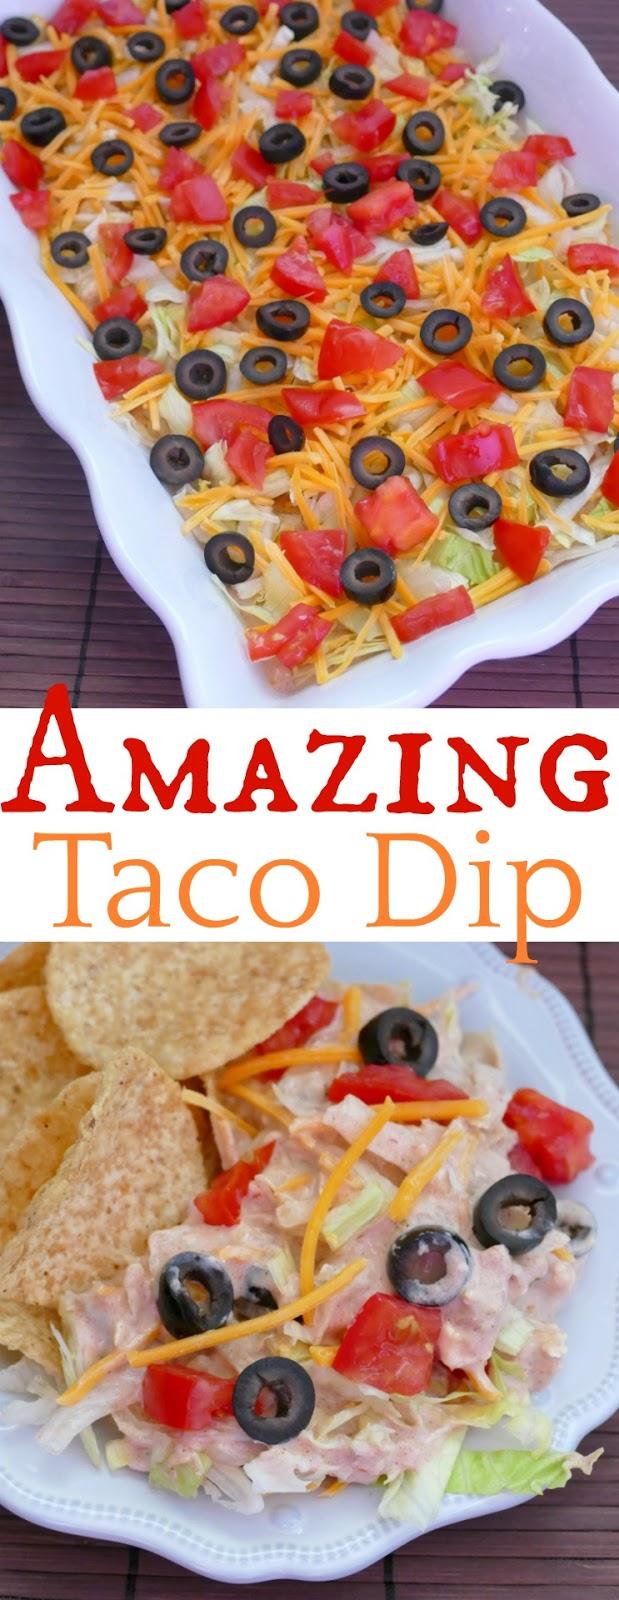 Amazing Taco Dip Recipe